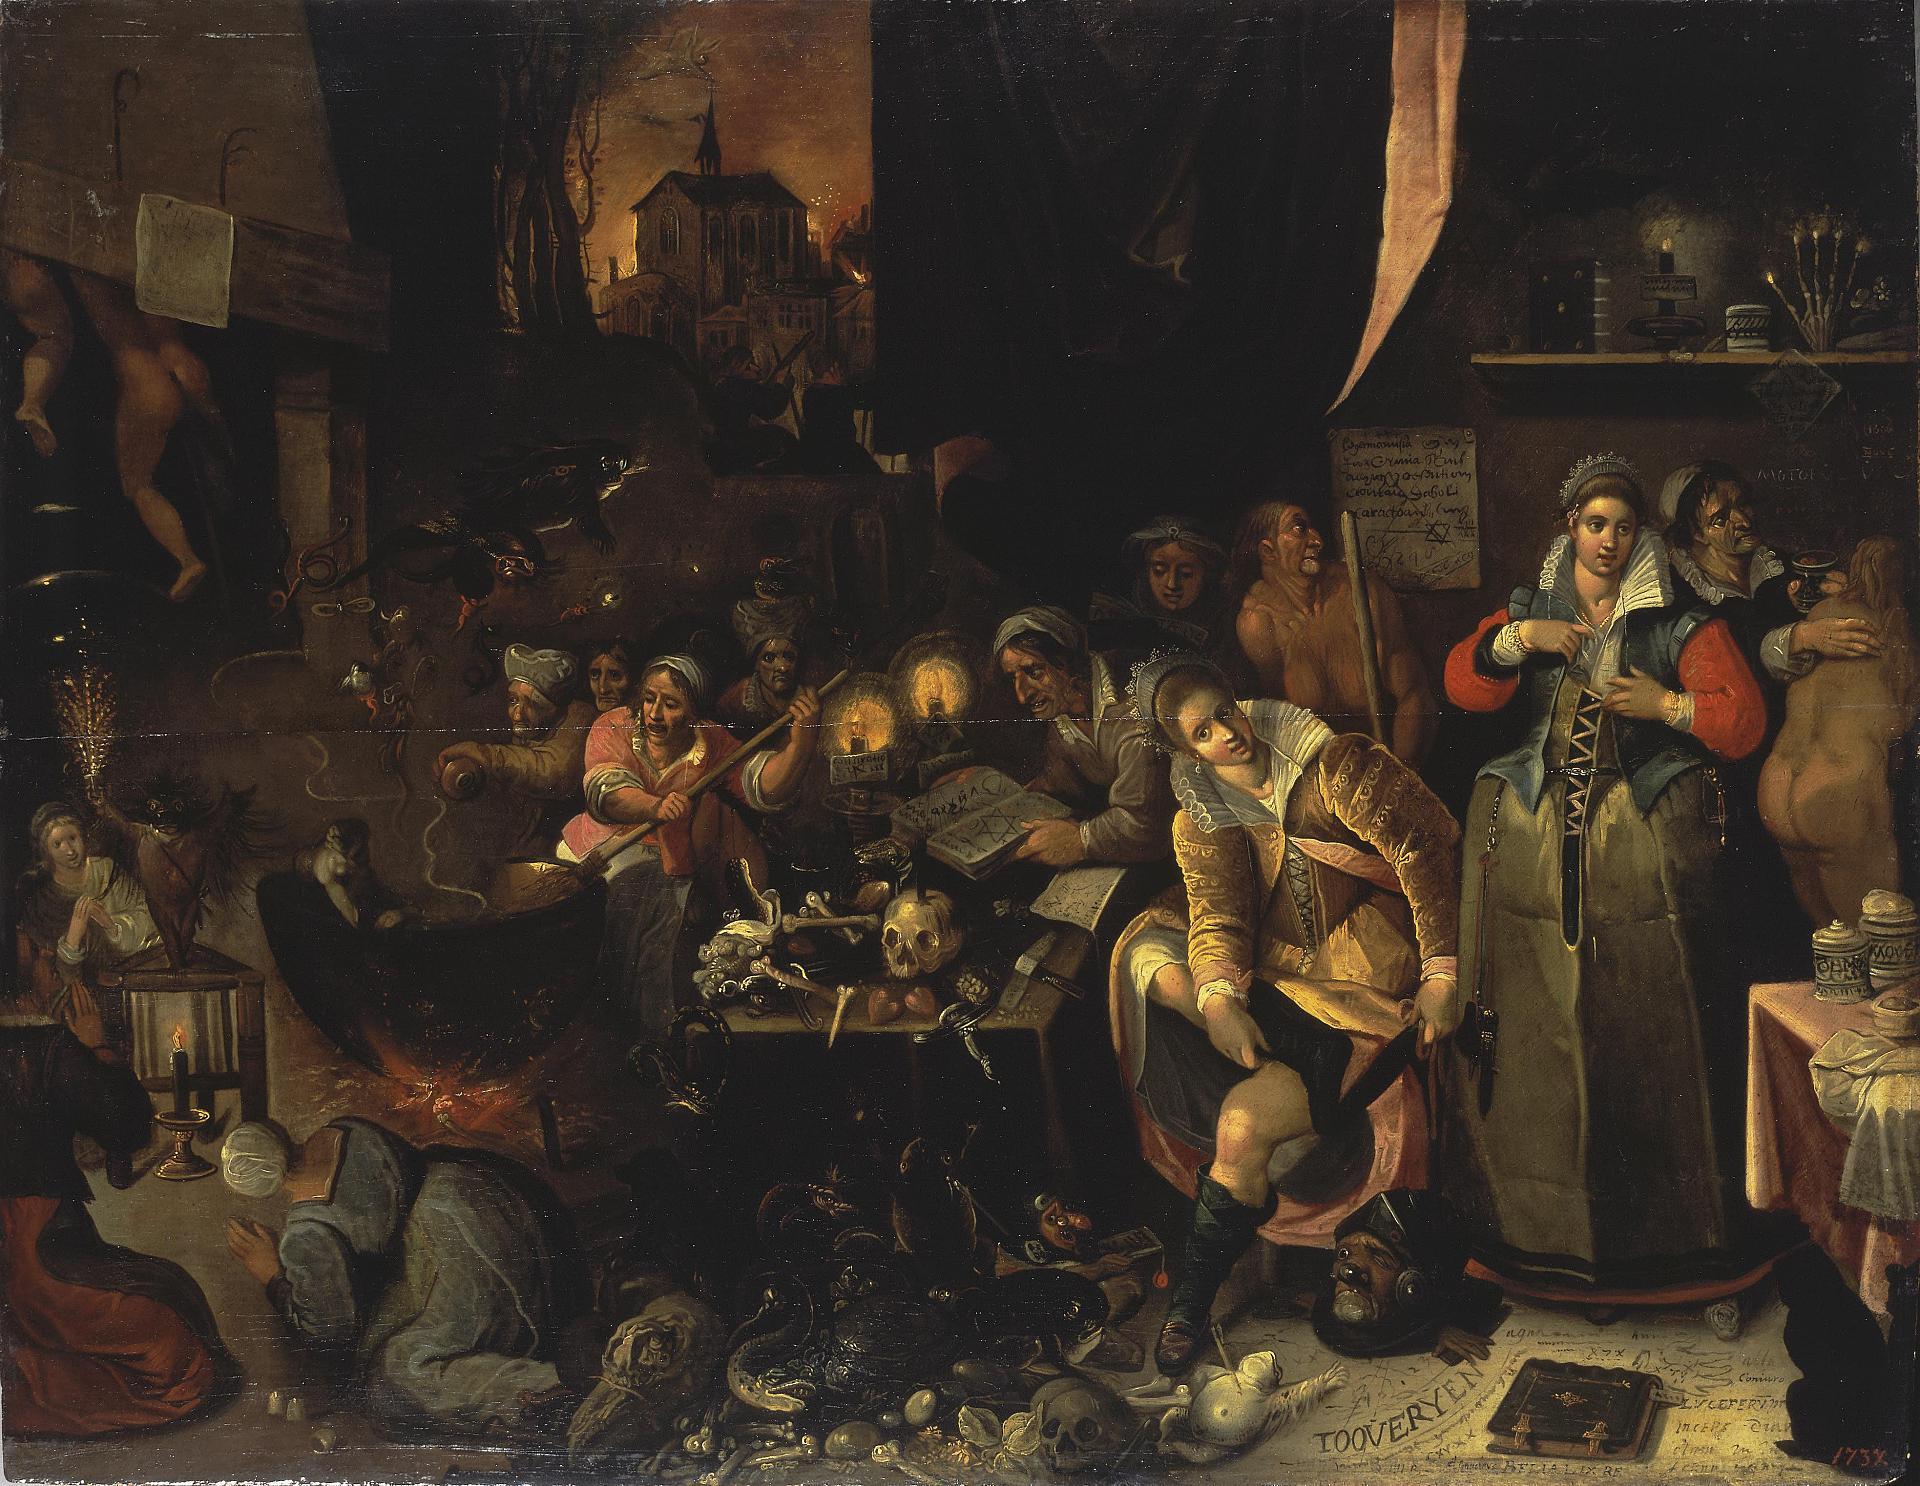 Frans_Francken_(II)_-_The_Witches'_Kitchen1606 Ermitage Saint Petersbourg